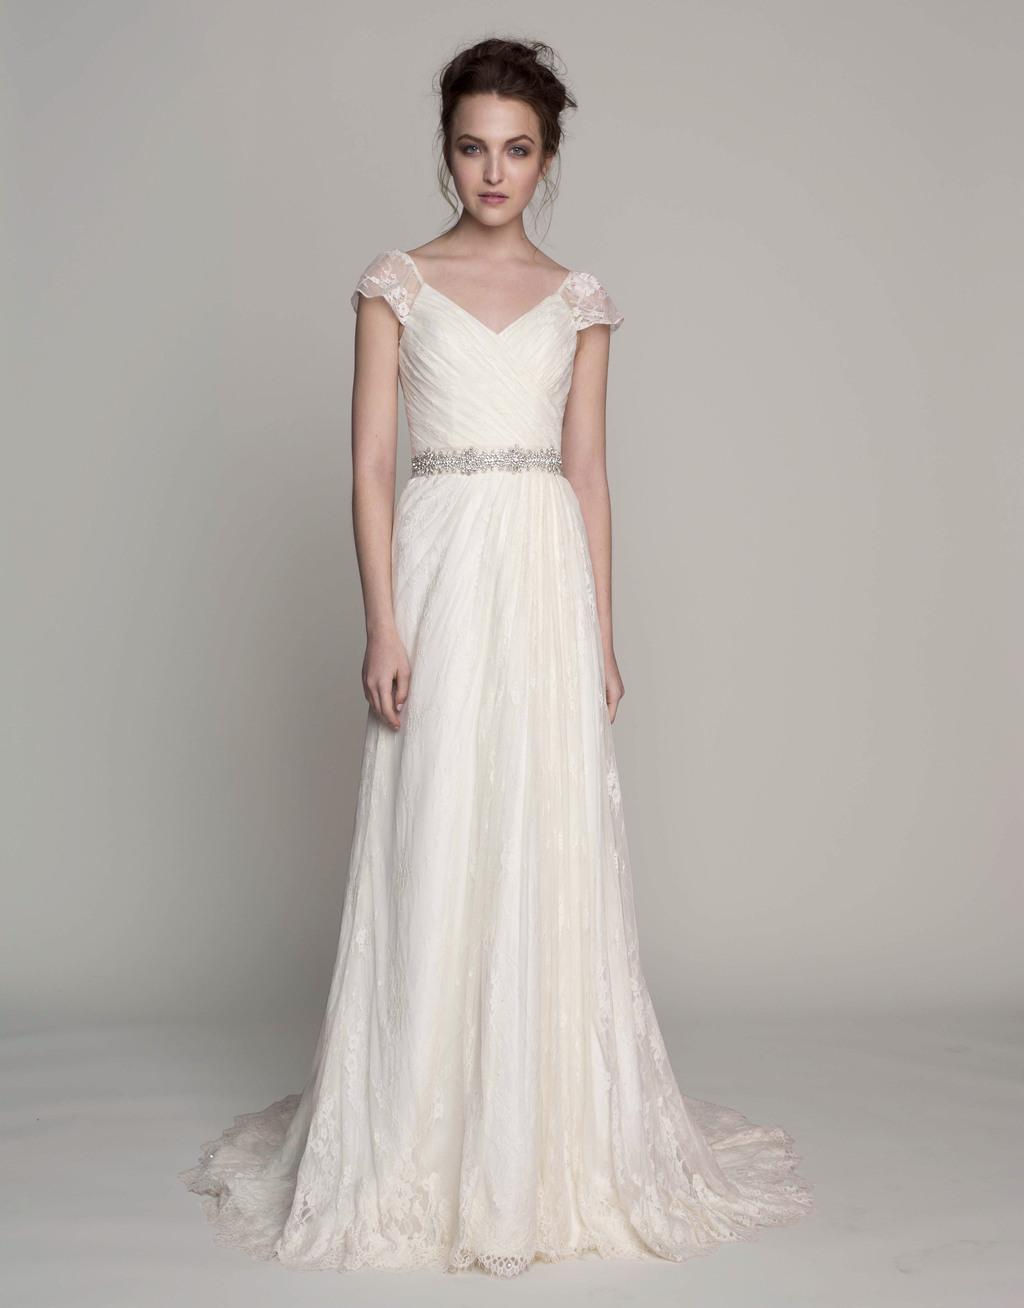 Spring Dresses For A Wedding